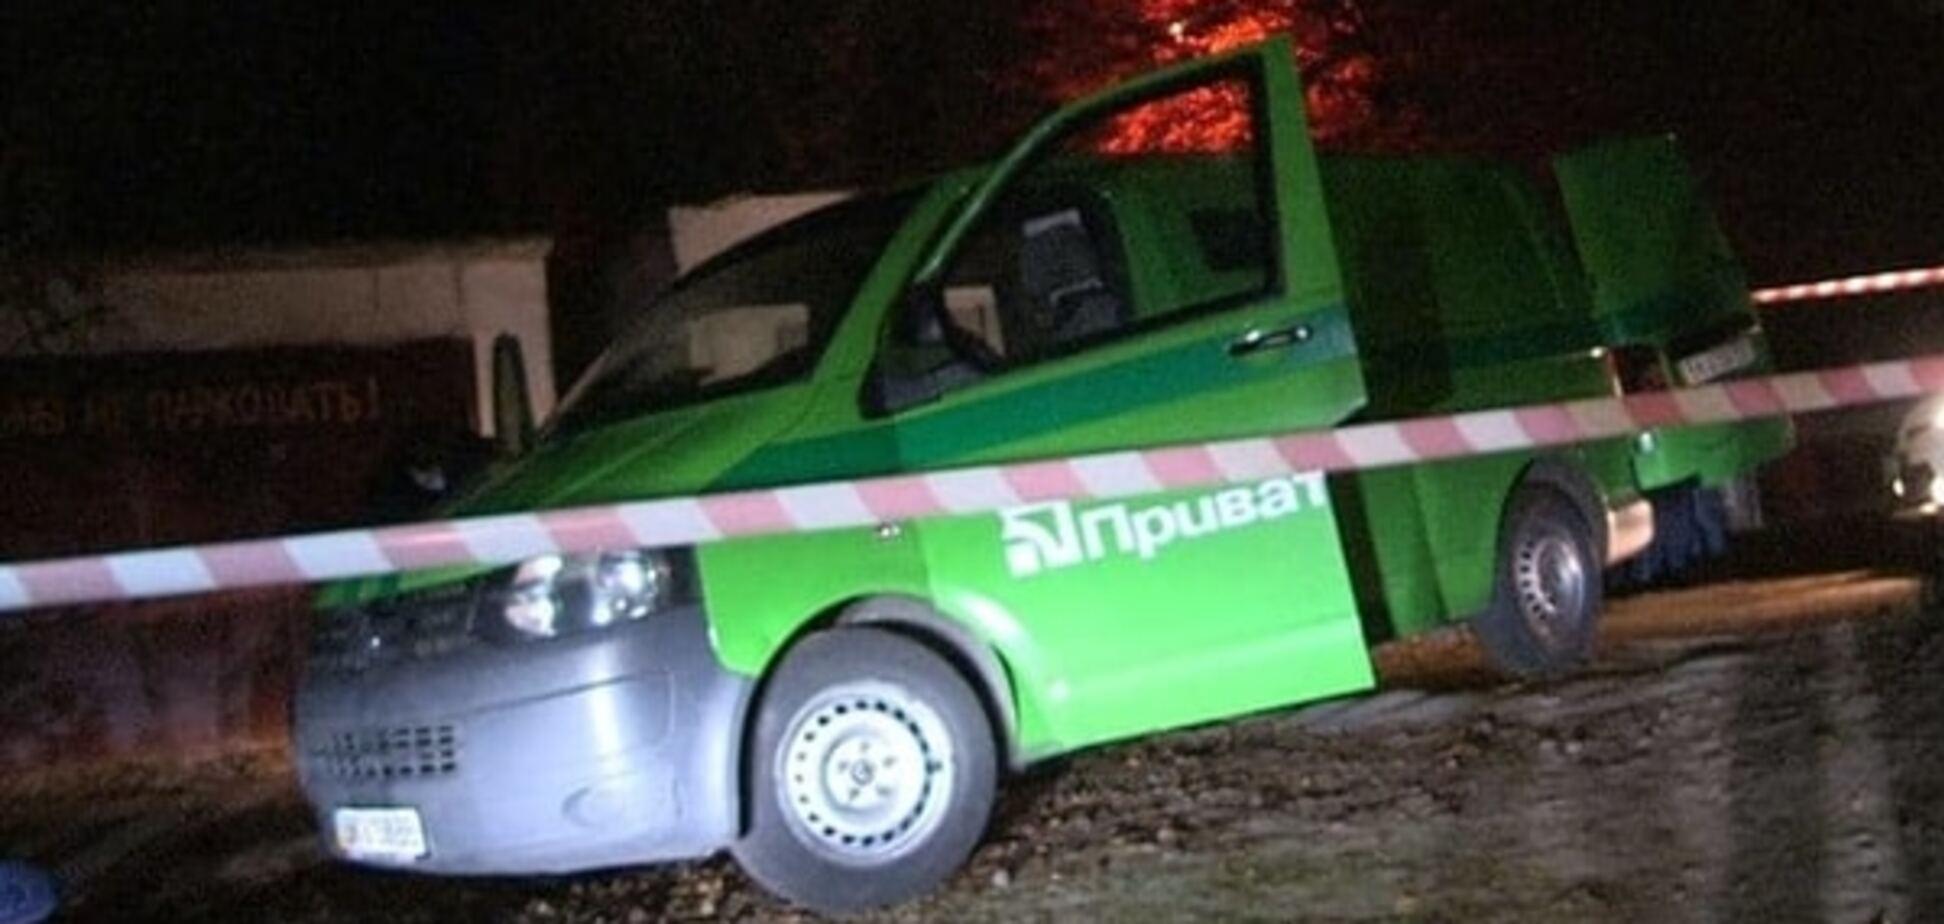 Ограбление инкассаторов в Киеве: в МВД рассказали подробности